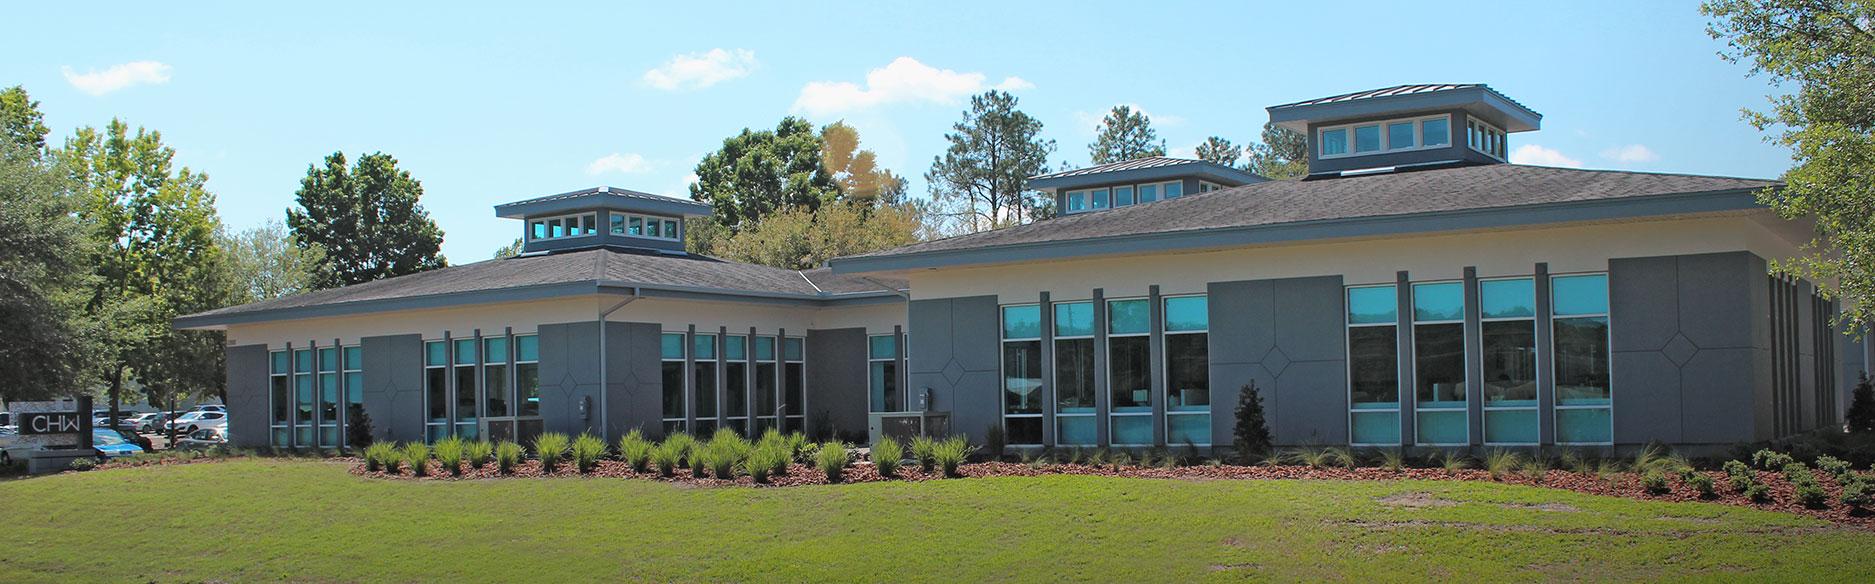 CHW Gainesville Office